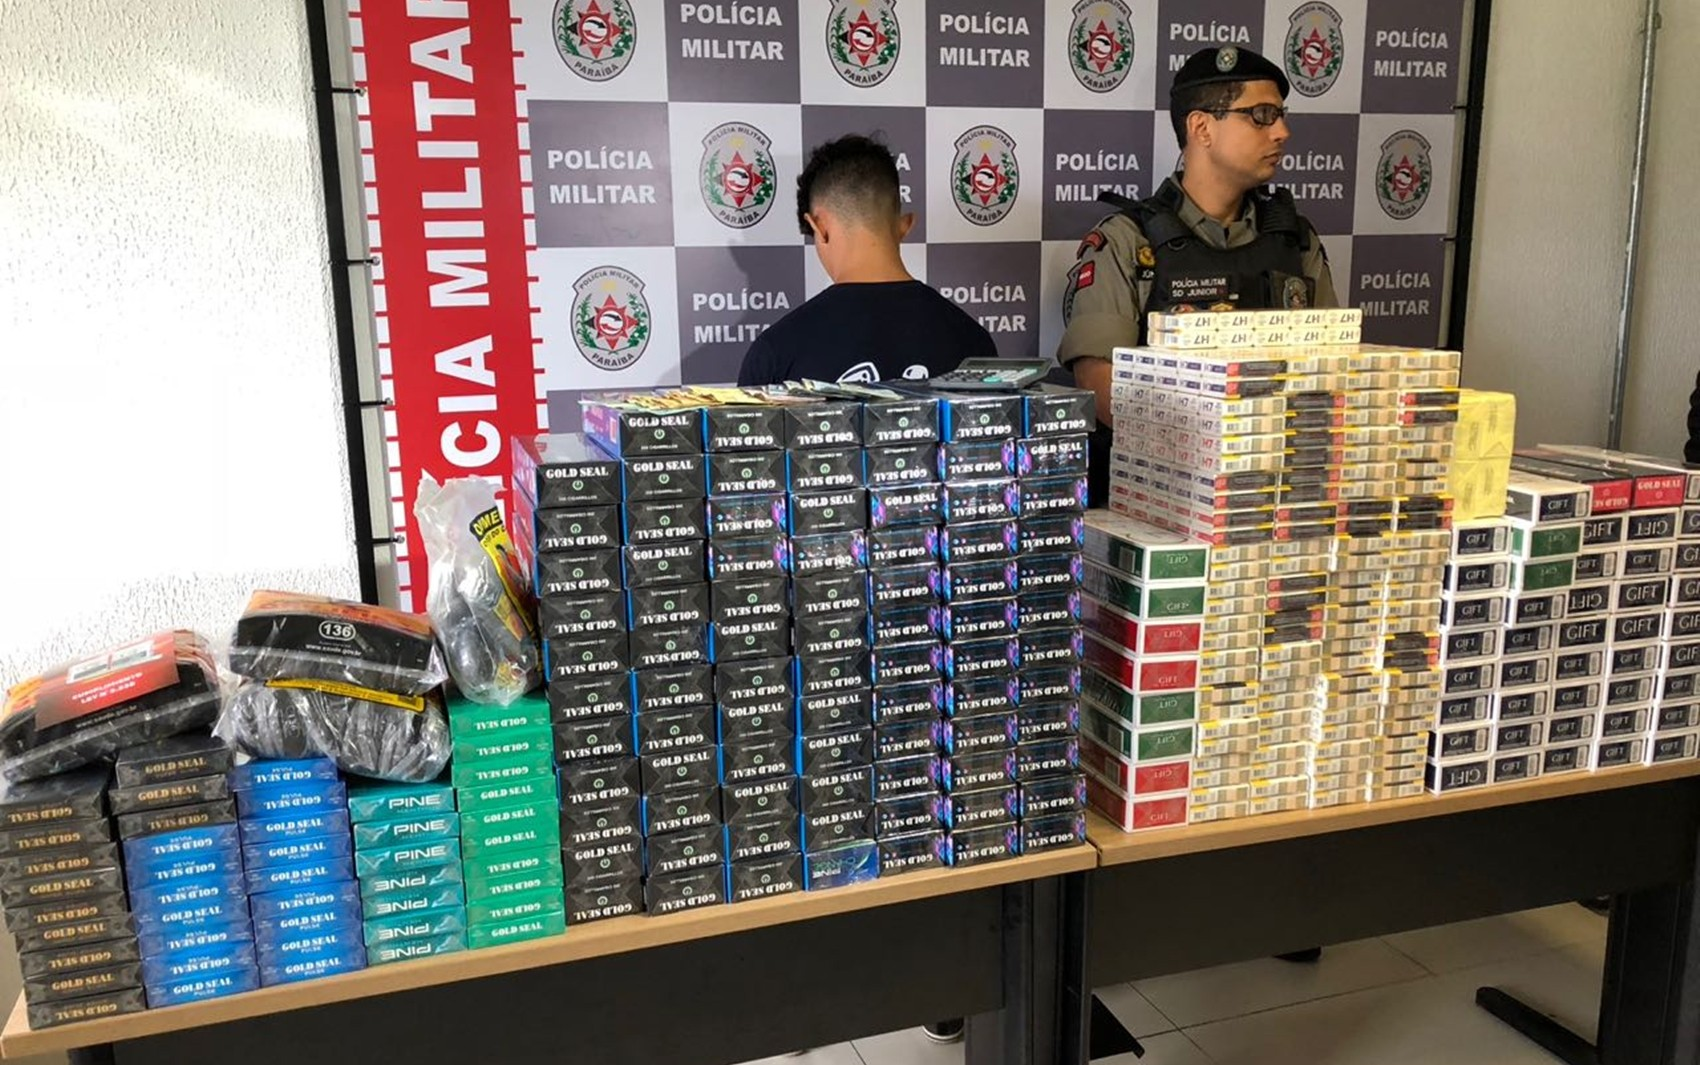 Homem é preso com 500 carteiras de cigarros contrabandeados em João Pessoa